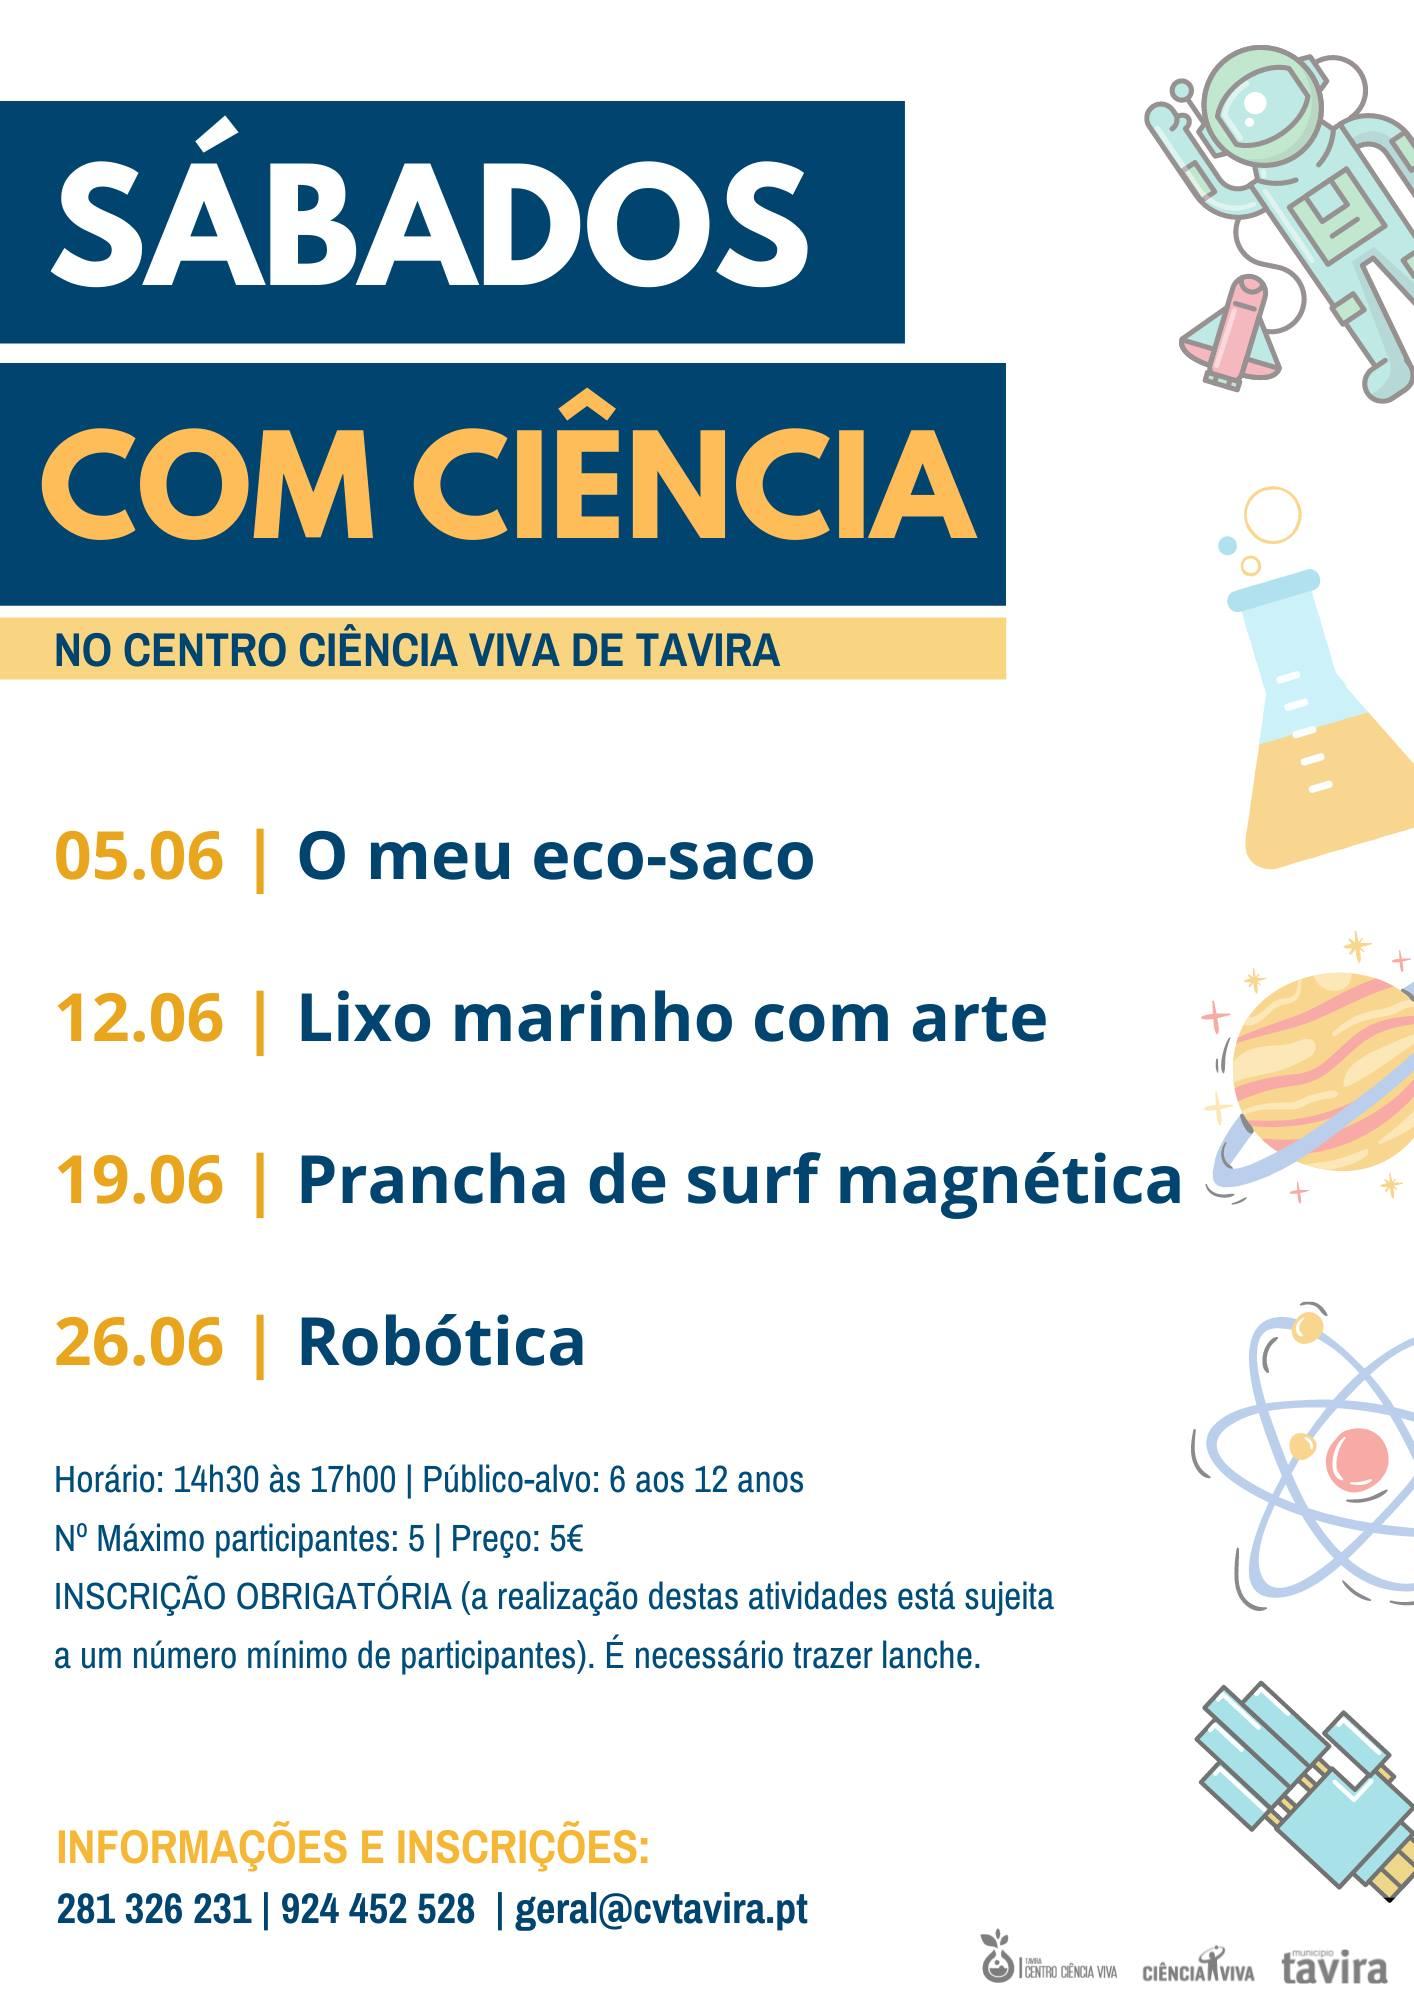 Sábados com Ciência